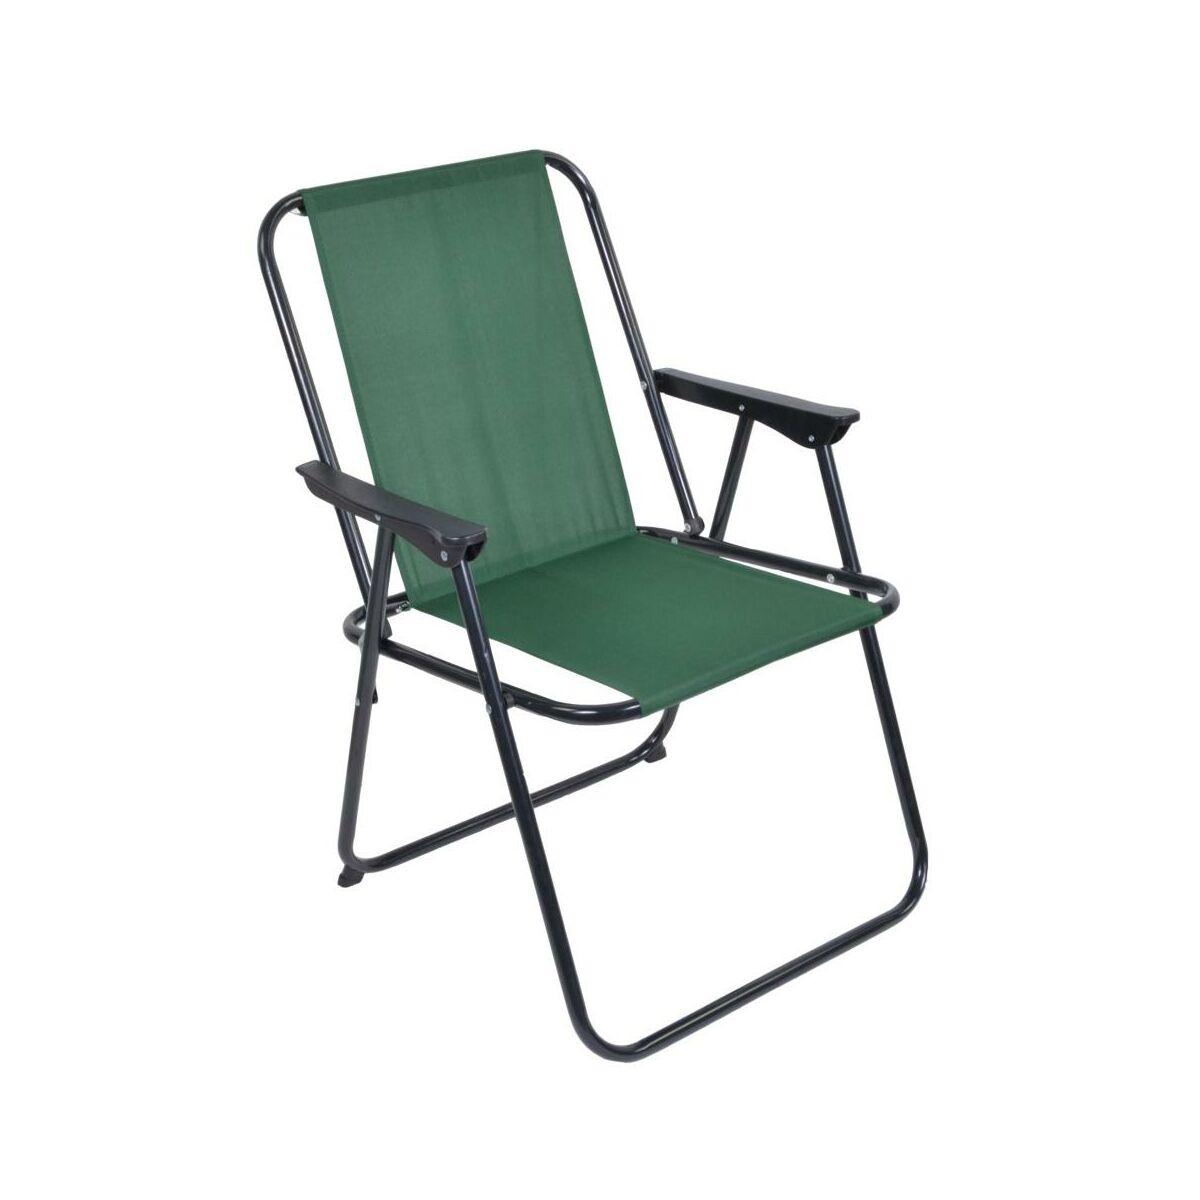 Krzeslo Ogrodowe Mix Krzesla Fotele Lawki Ogrodowe W Atrakcyjnej Cenie W Sklepach Leroy Merlin